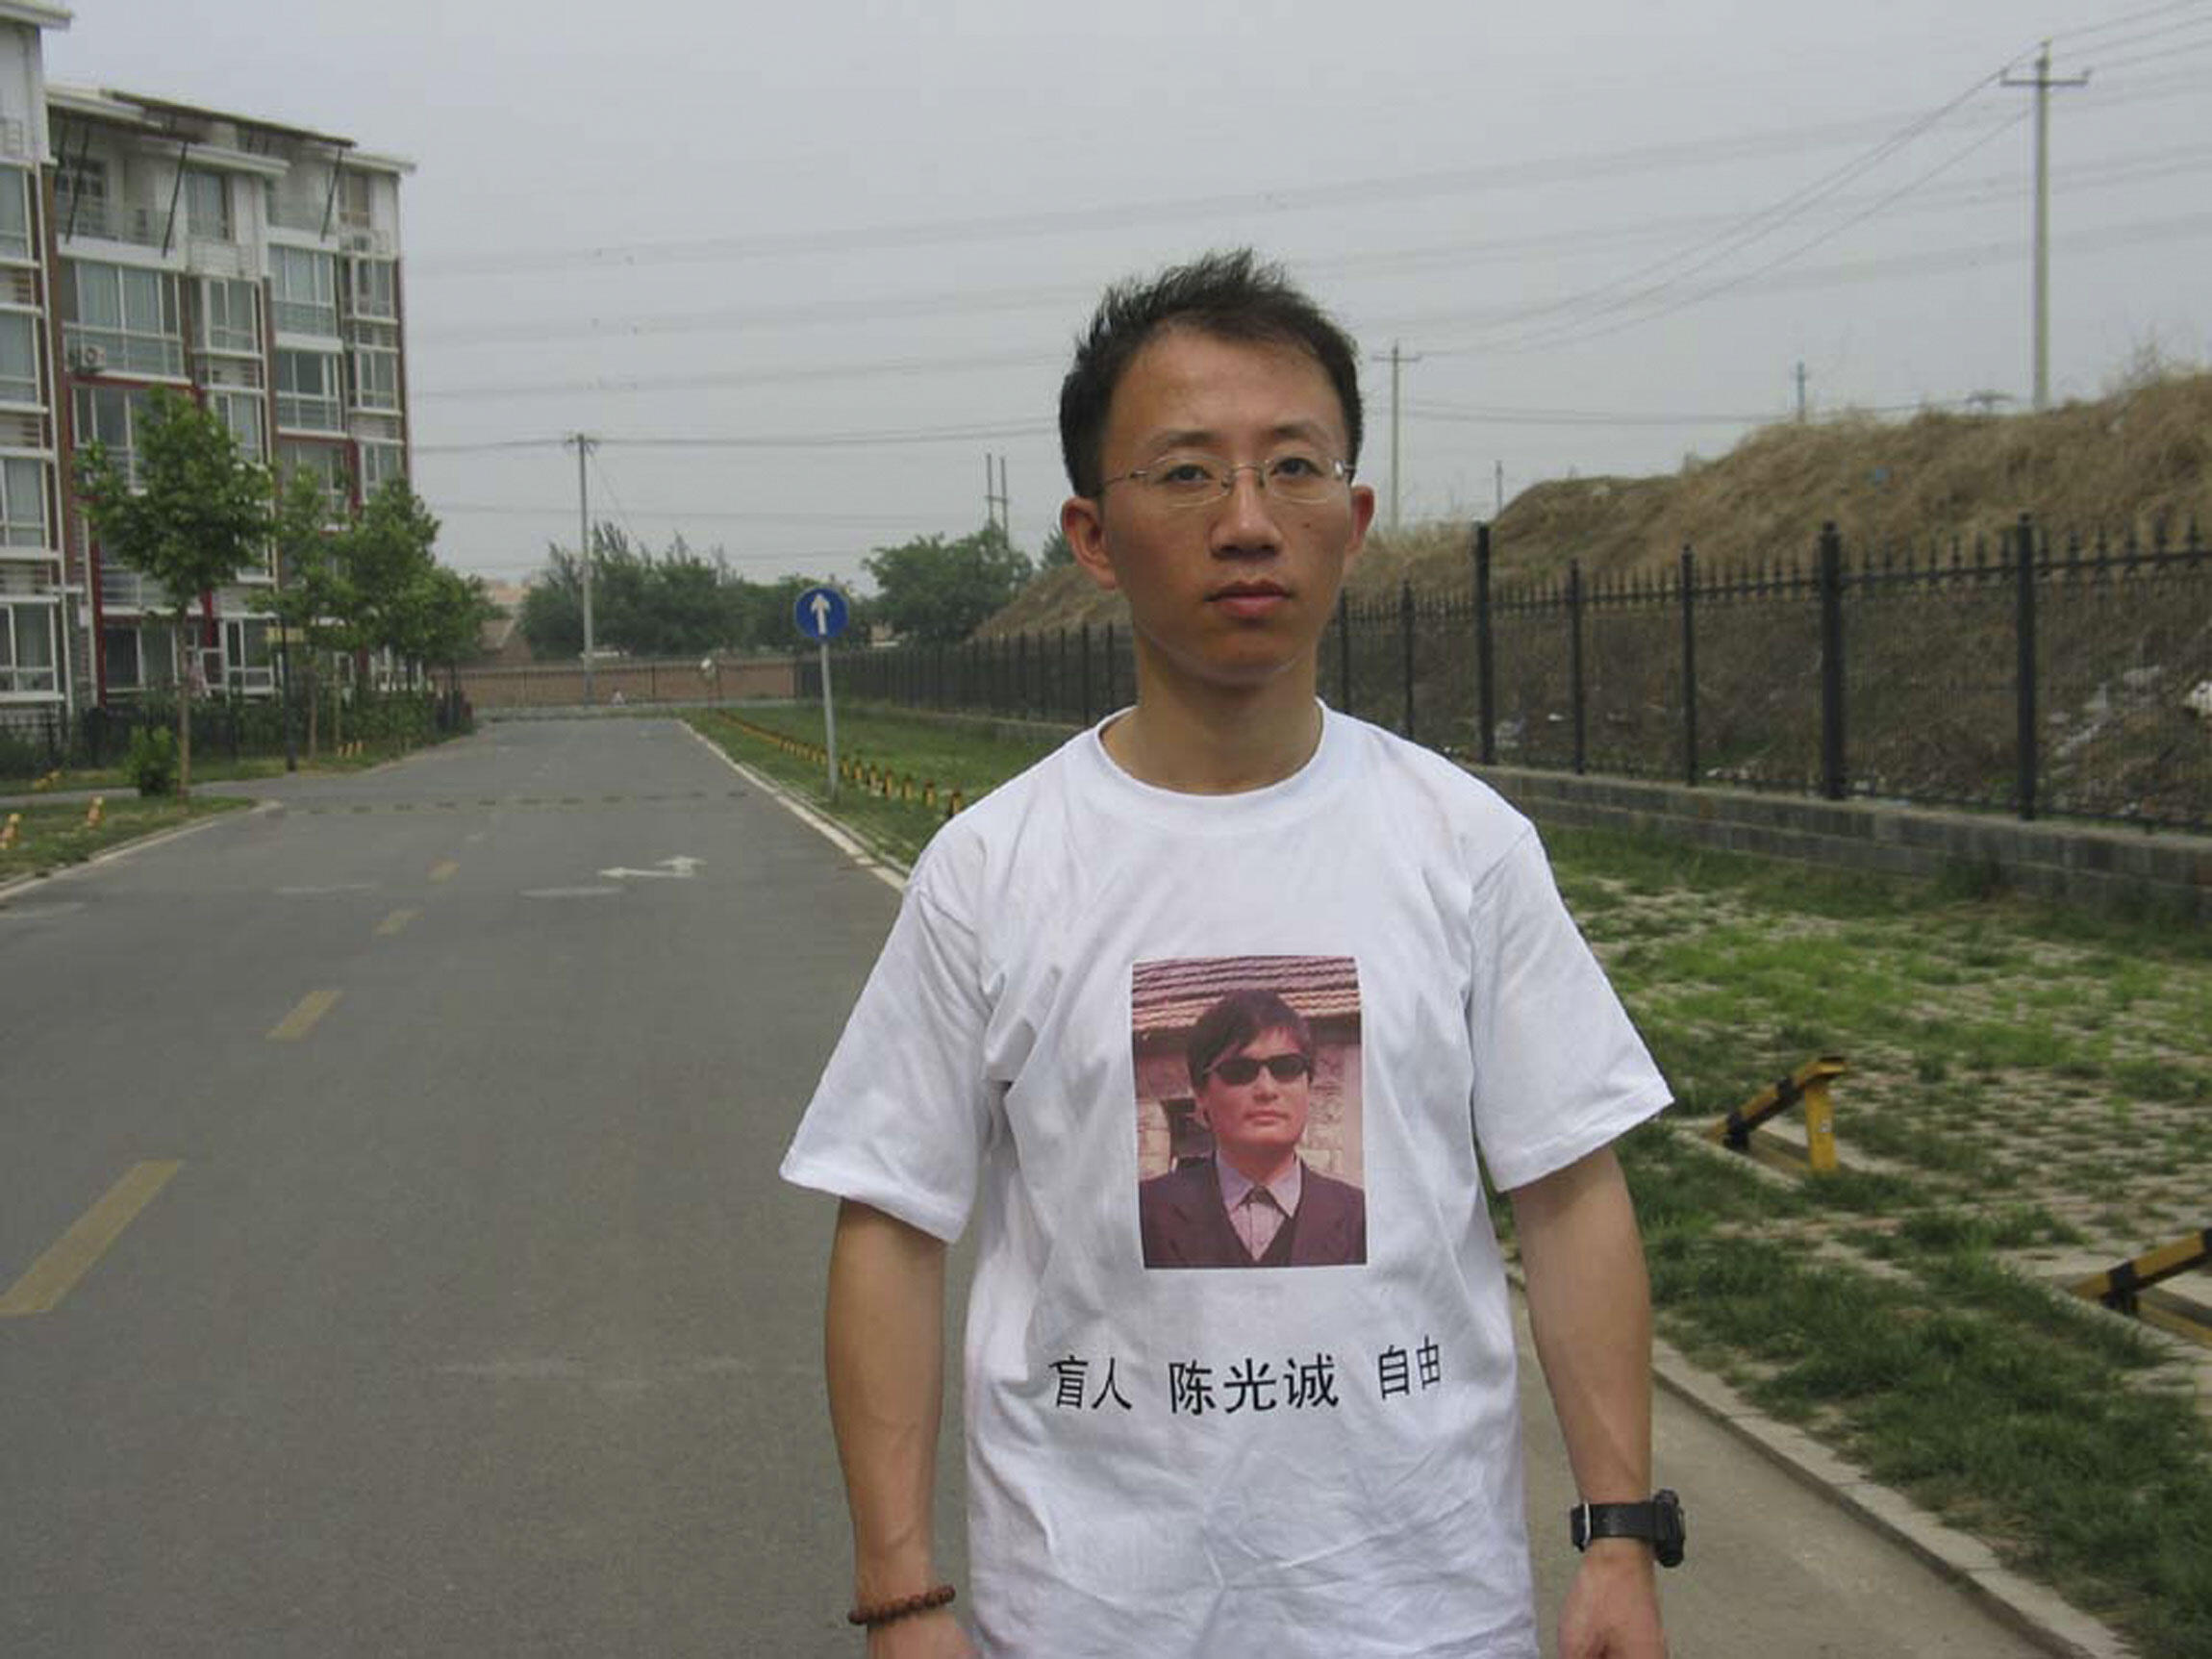 Nhà ly khai Hồ Giai, vừa được ra tù ngày 26/6/11, mặc áo thun in hình luật sư mù Trần Quang Thành.